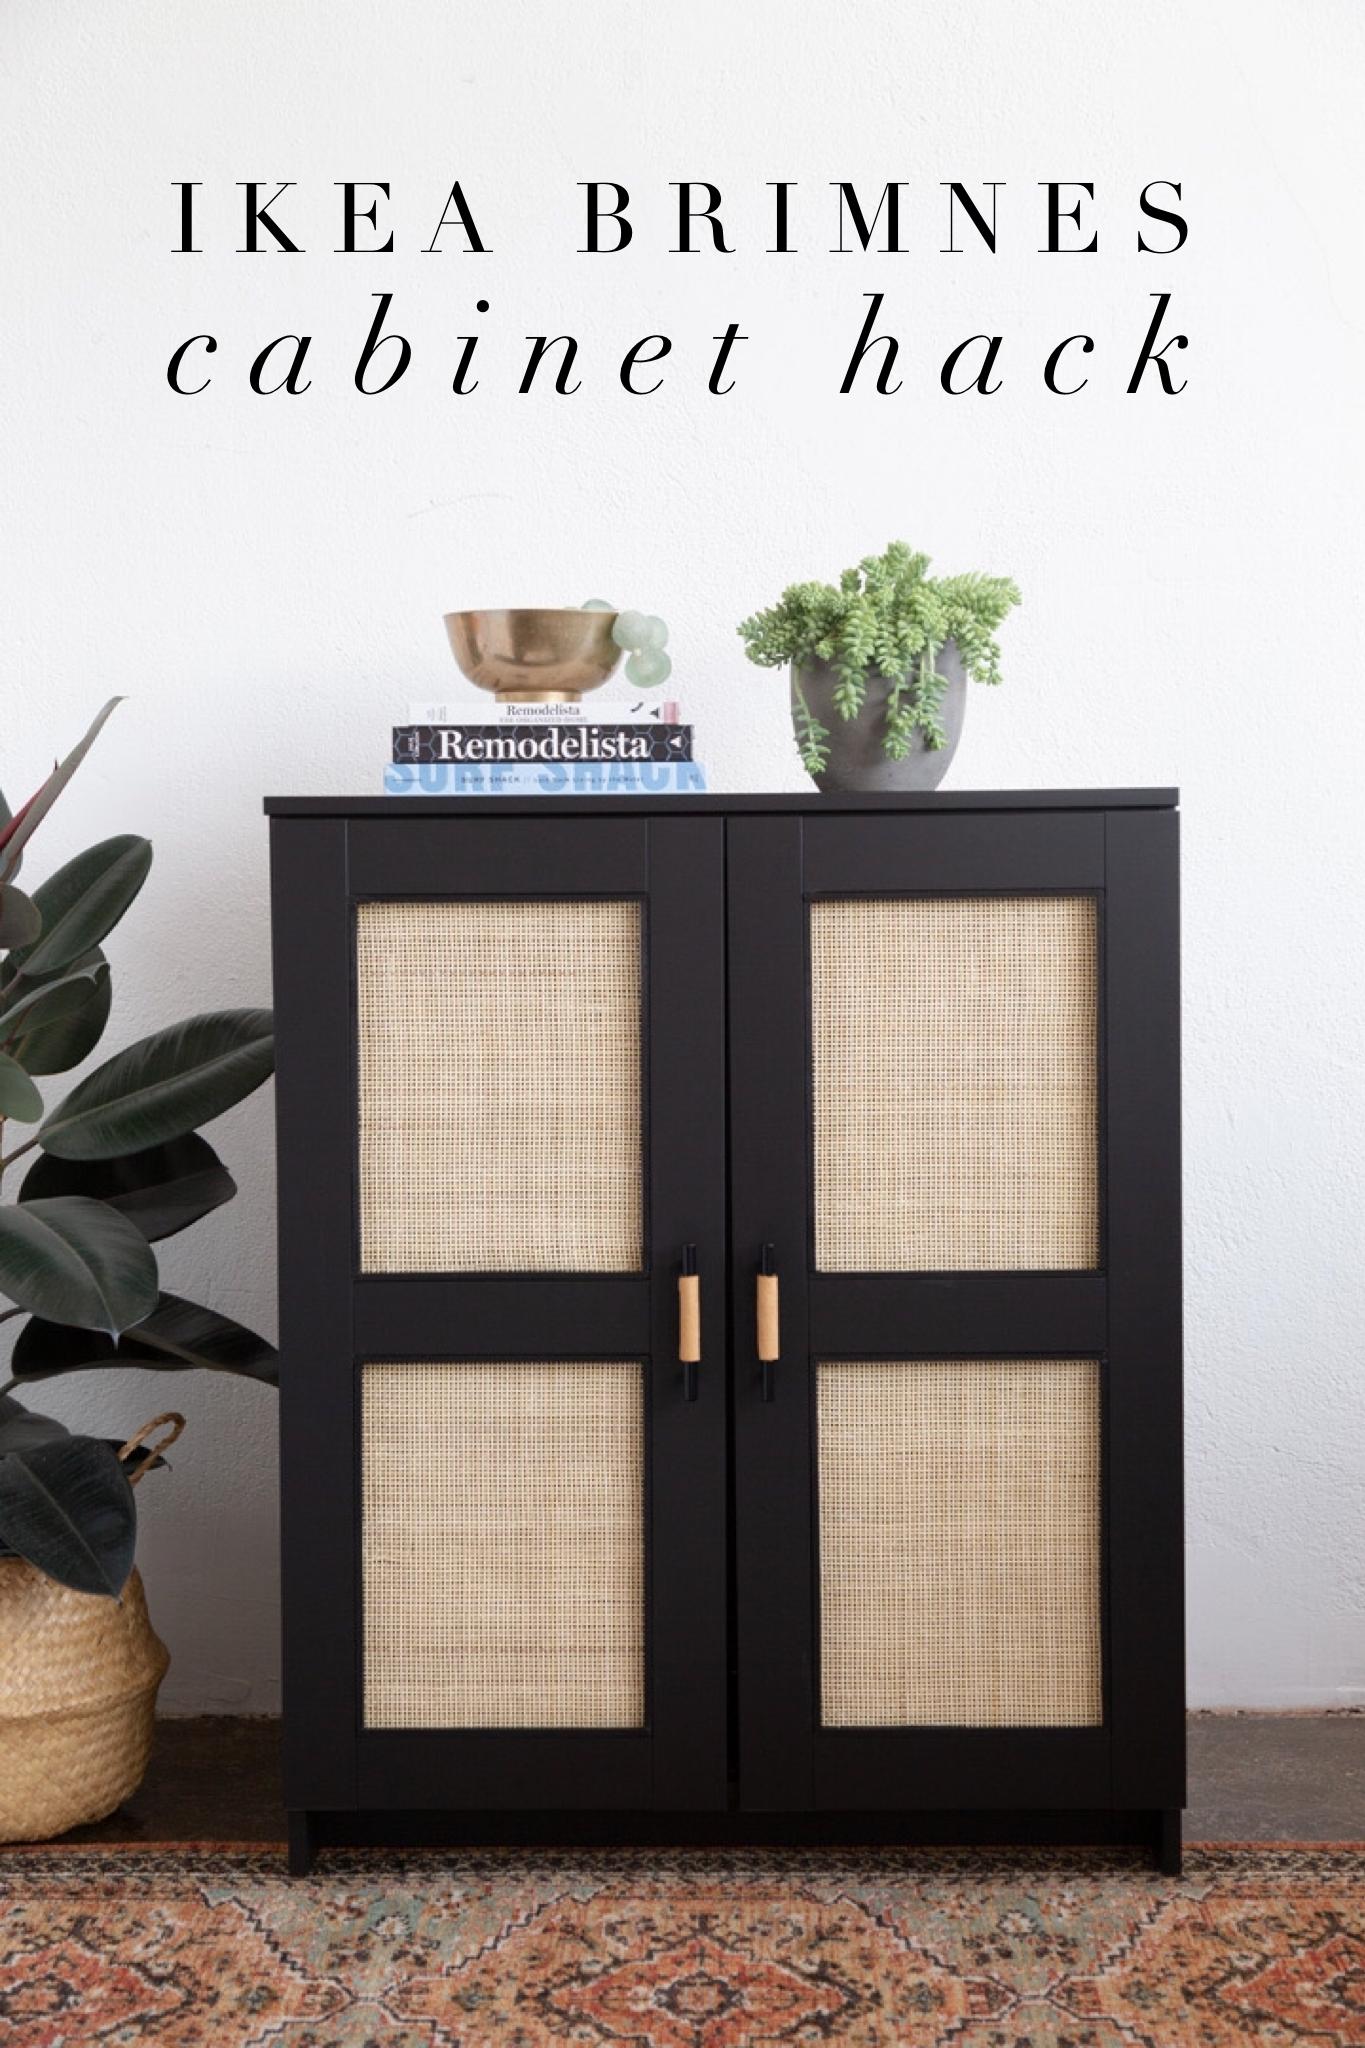 Ikea Brimnes Cabinet Hack